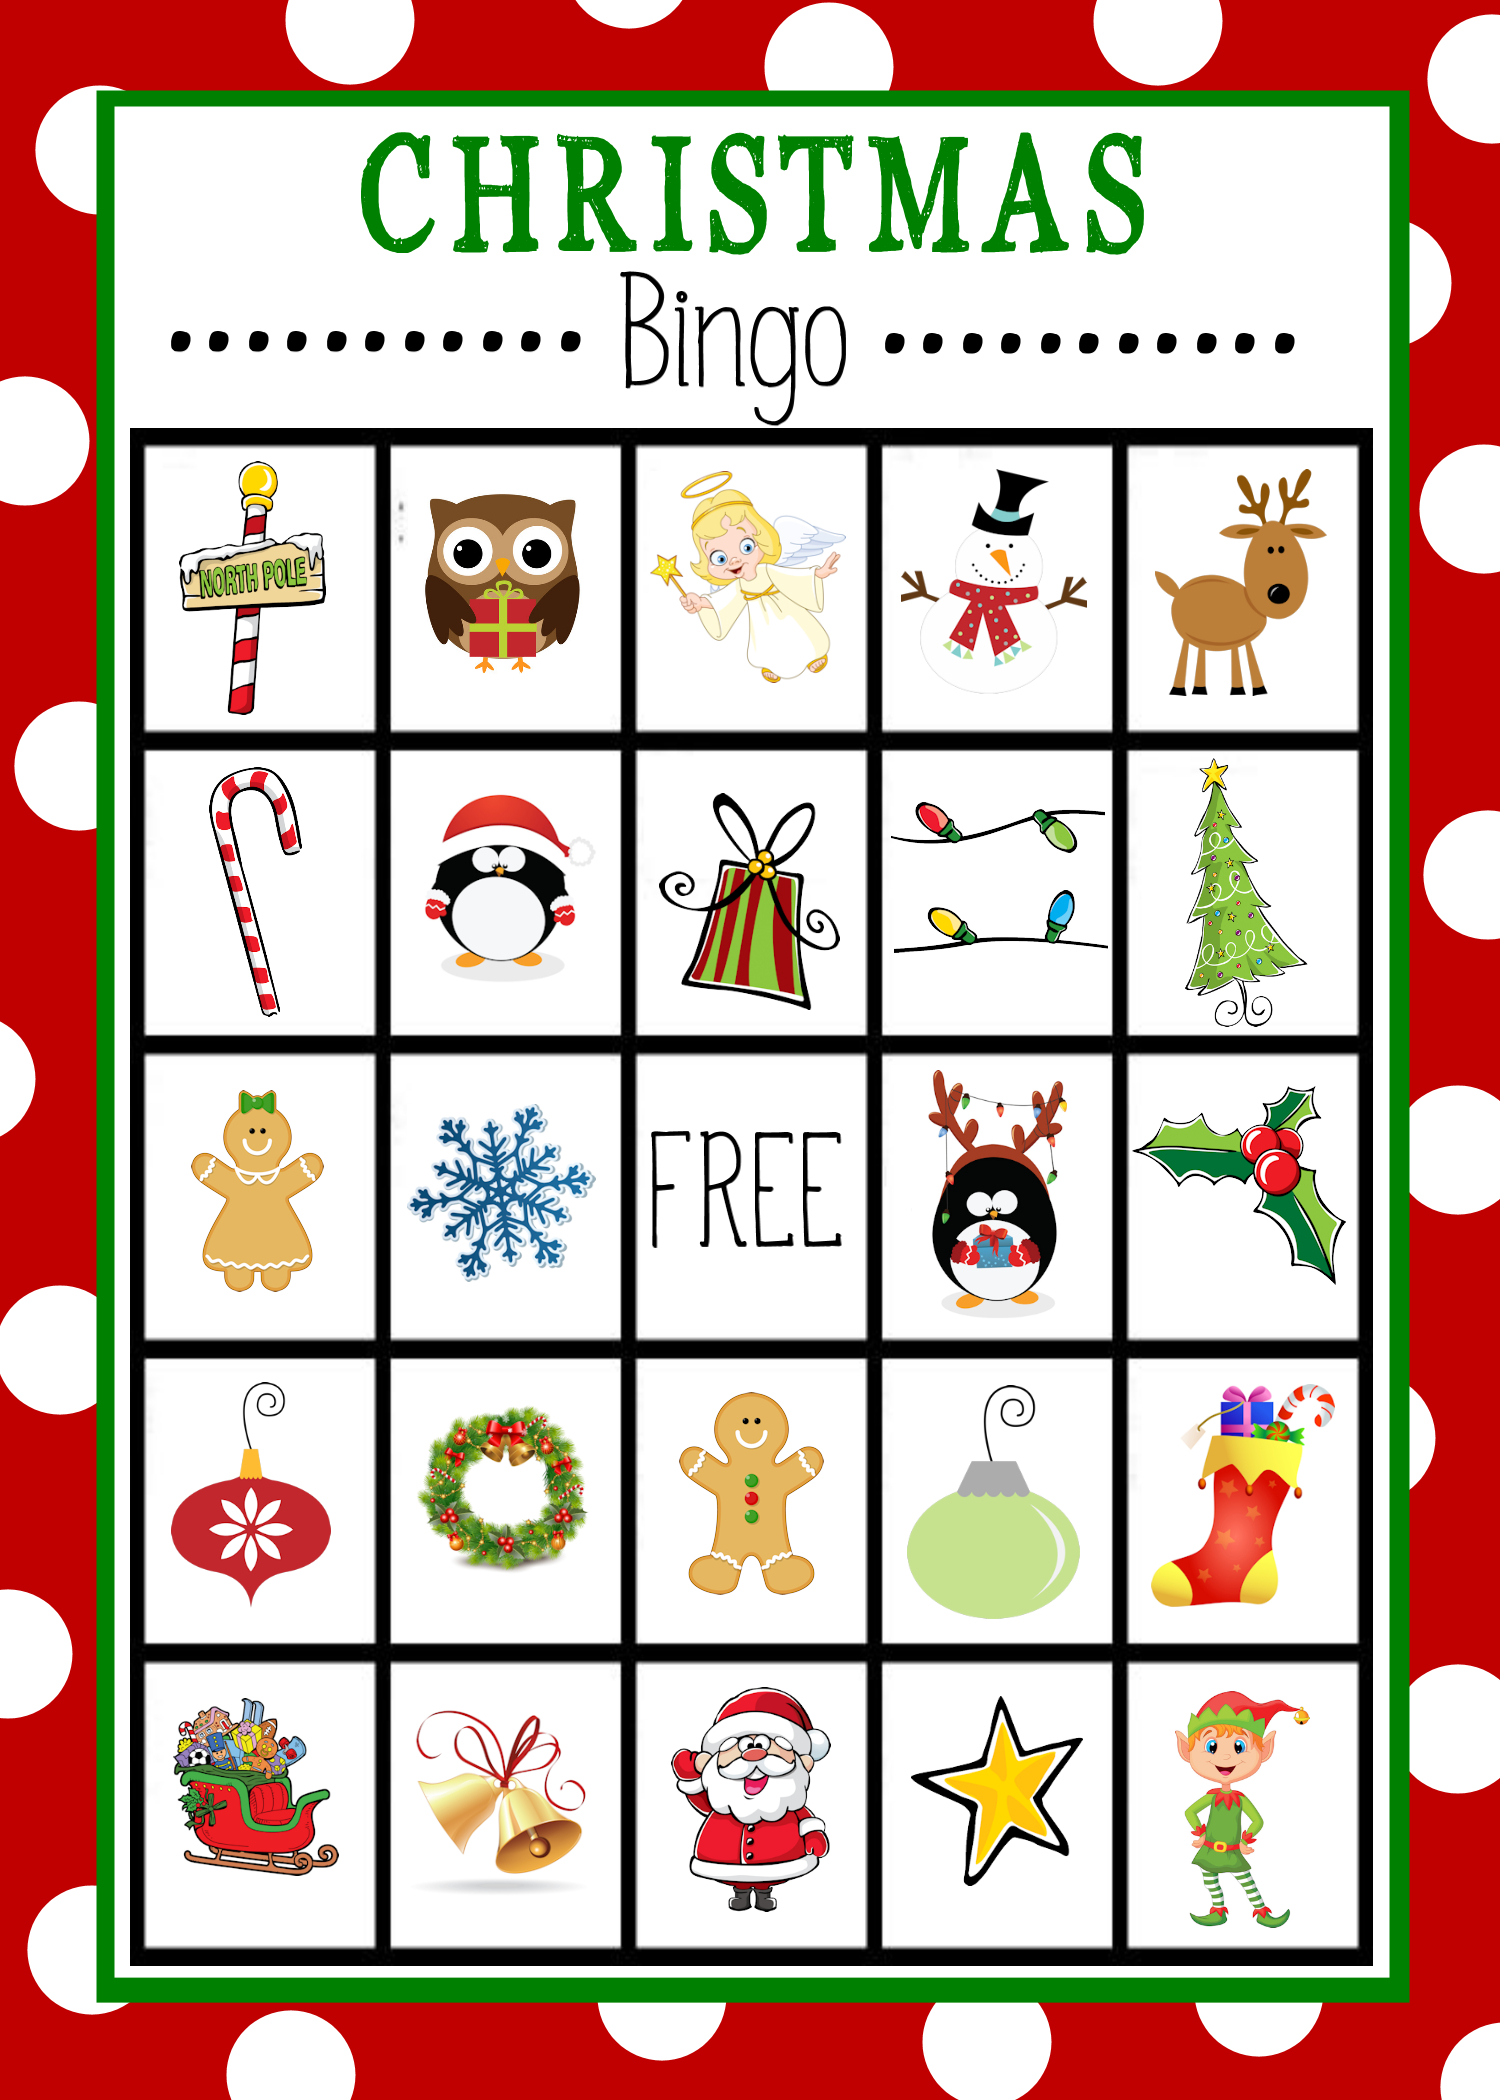 Free Printable Christmas Bingo Game   Christmas   Christmas Bingo - Christmas Bingo Game Printable Free